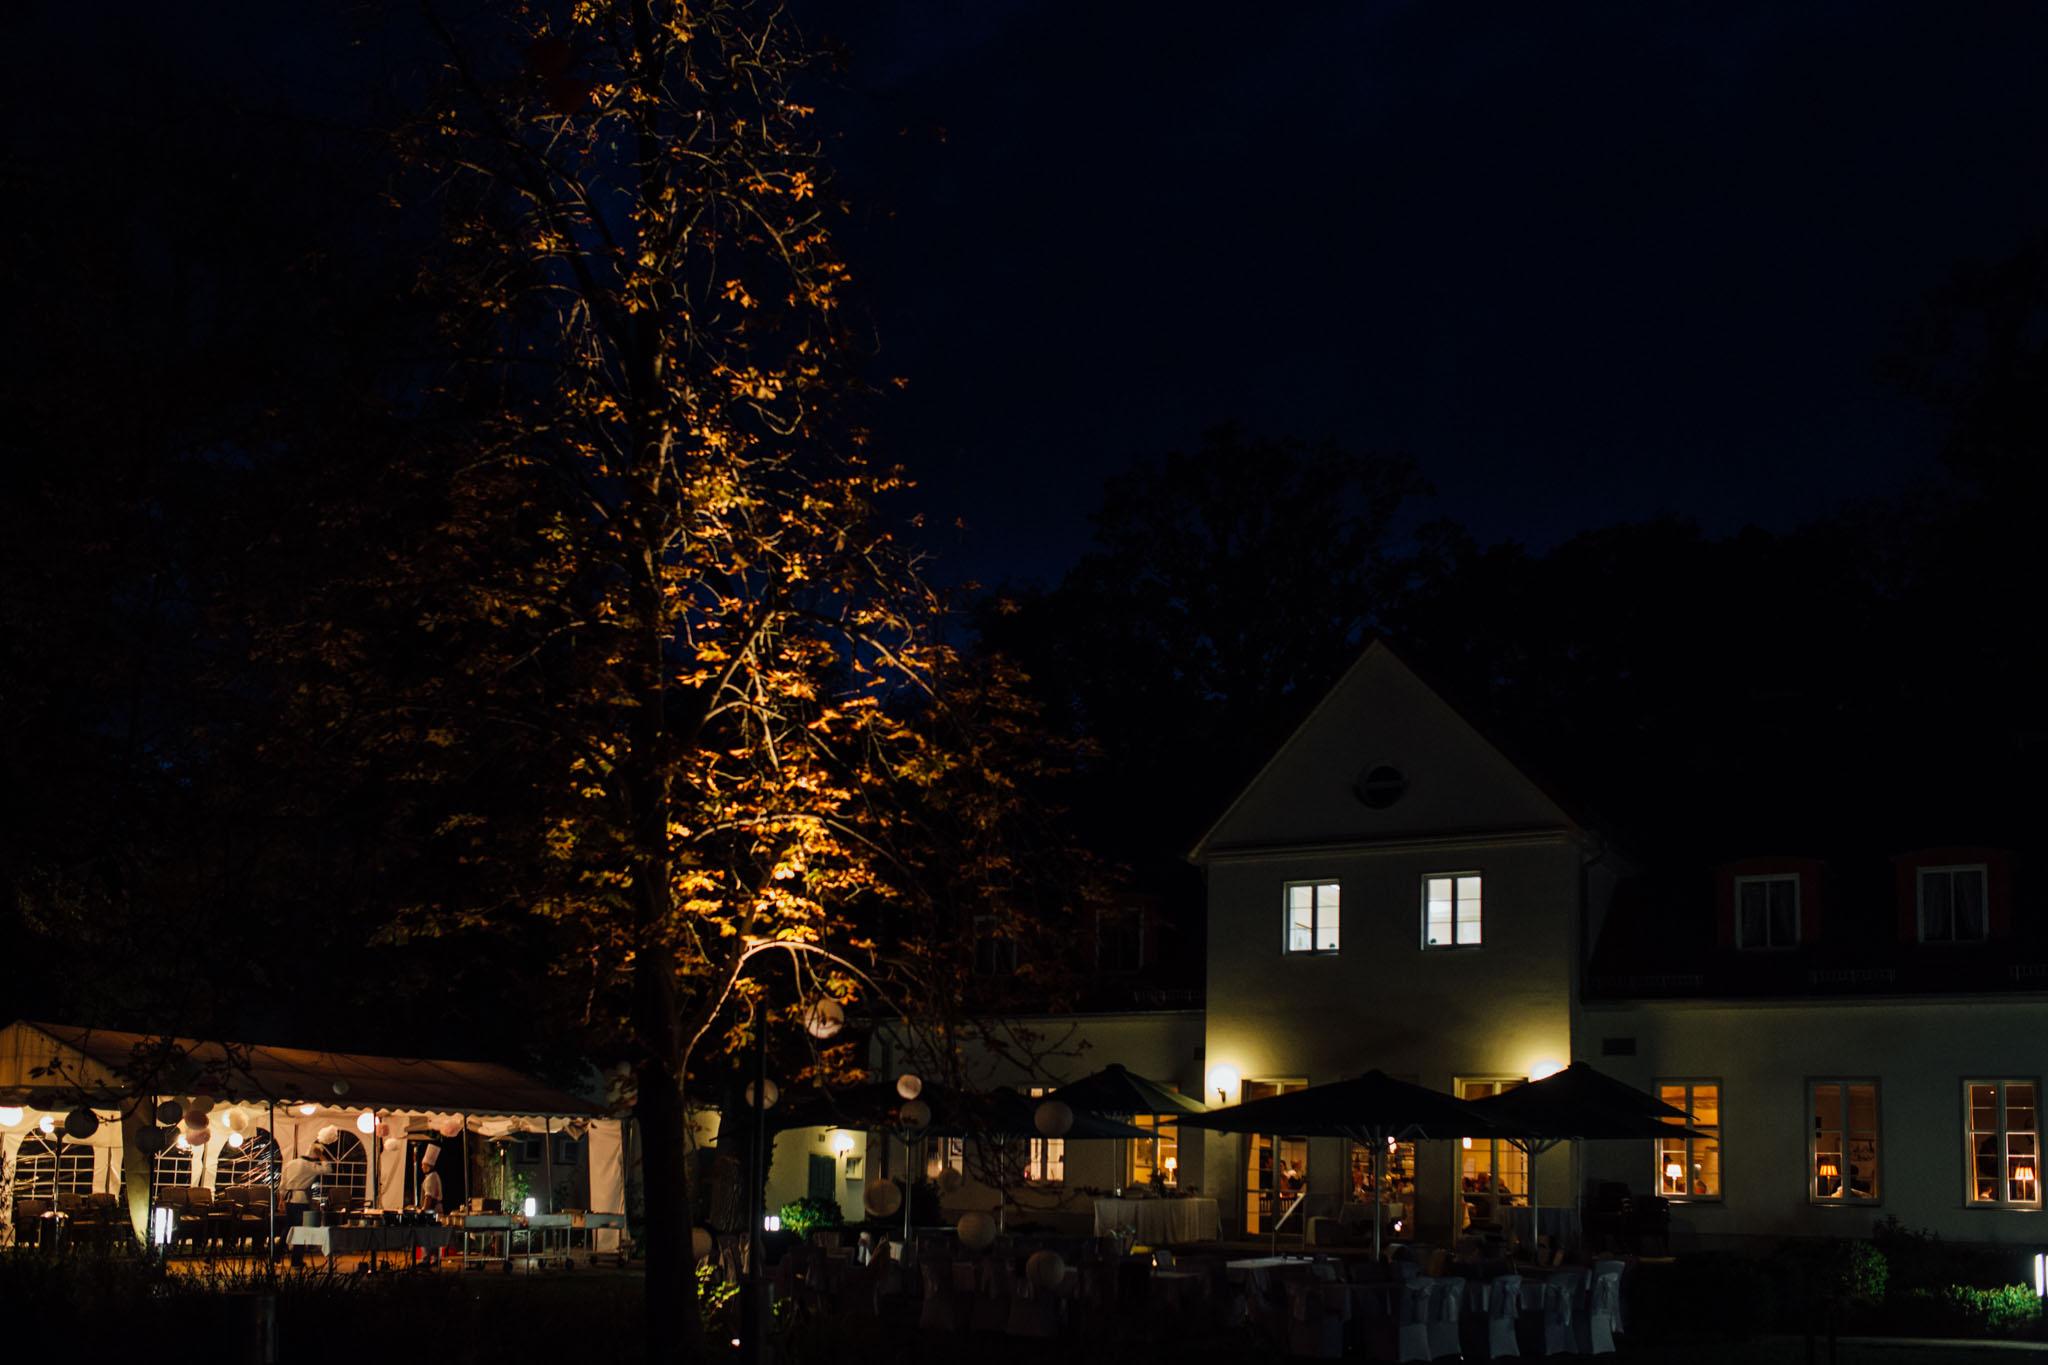 cafe-wildau-nacht-hochzeitsfotograf-brandenburg